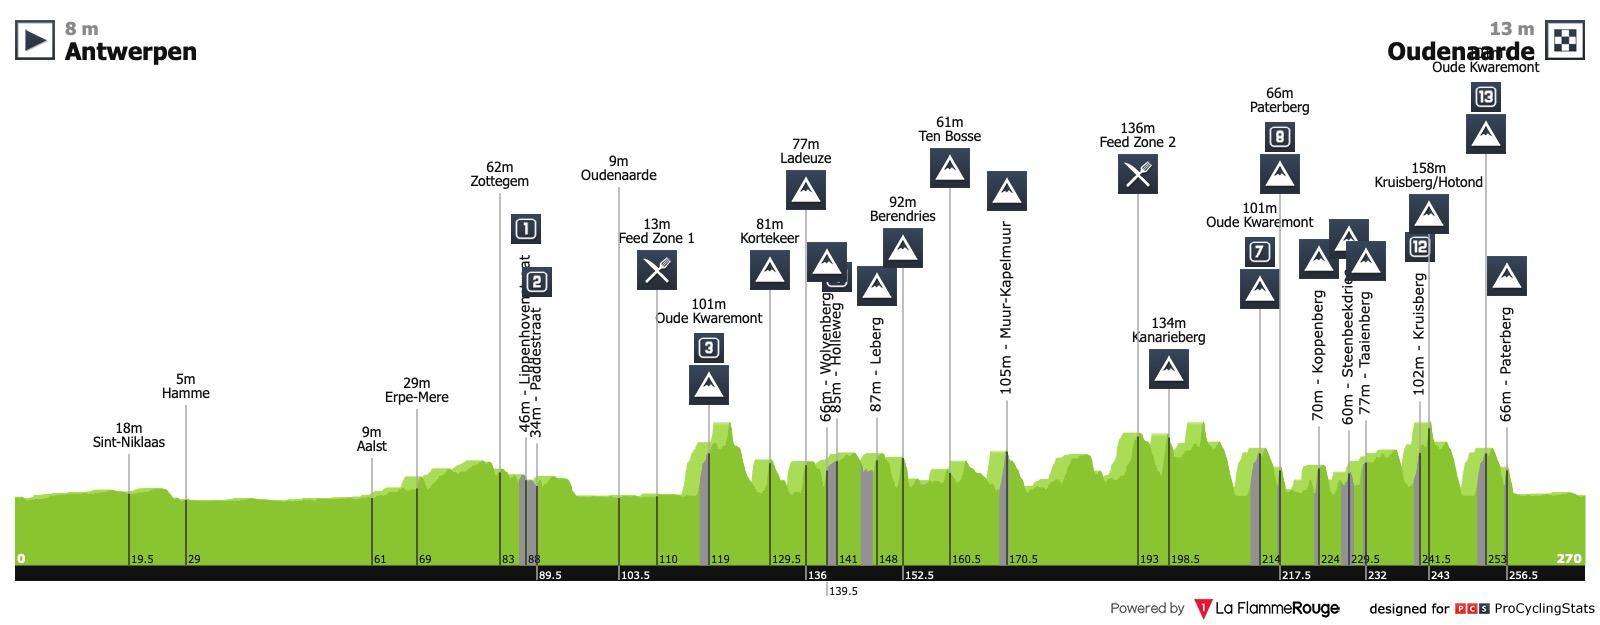 Ronde van Vlaanderen / Tour des Flandres Ronde-van-vlaanderen-2019-profile-n2-2189d8987c